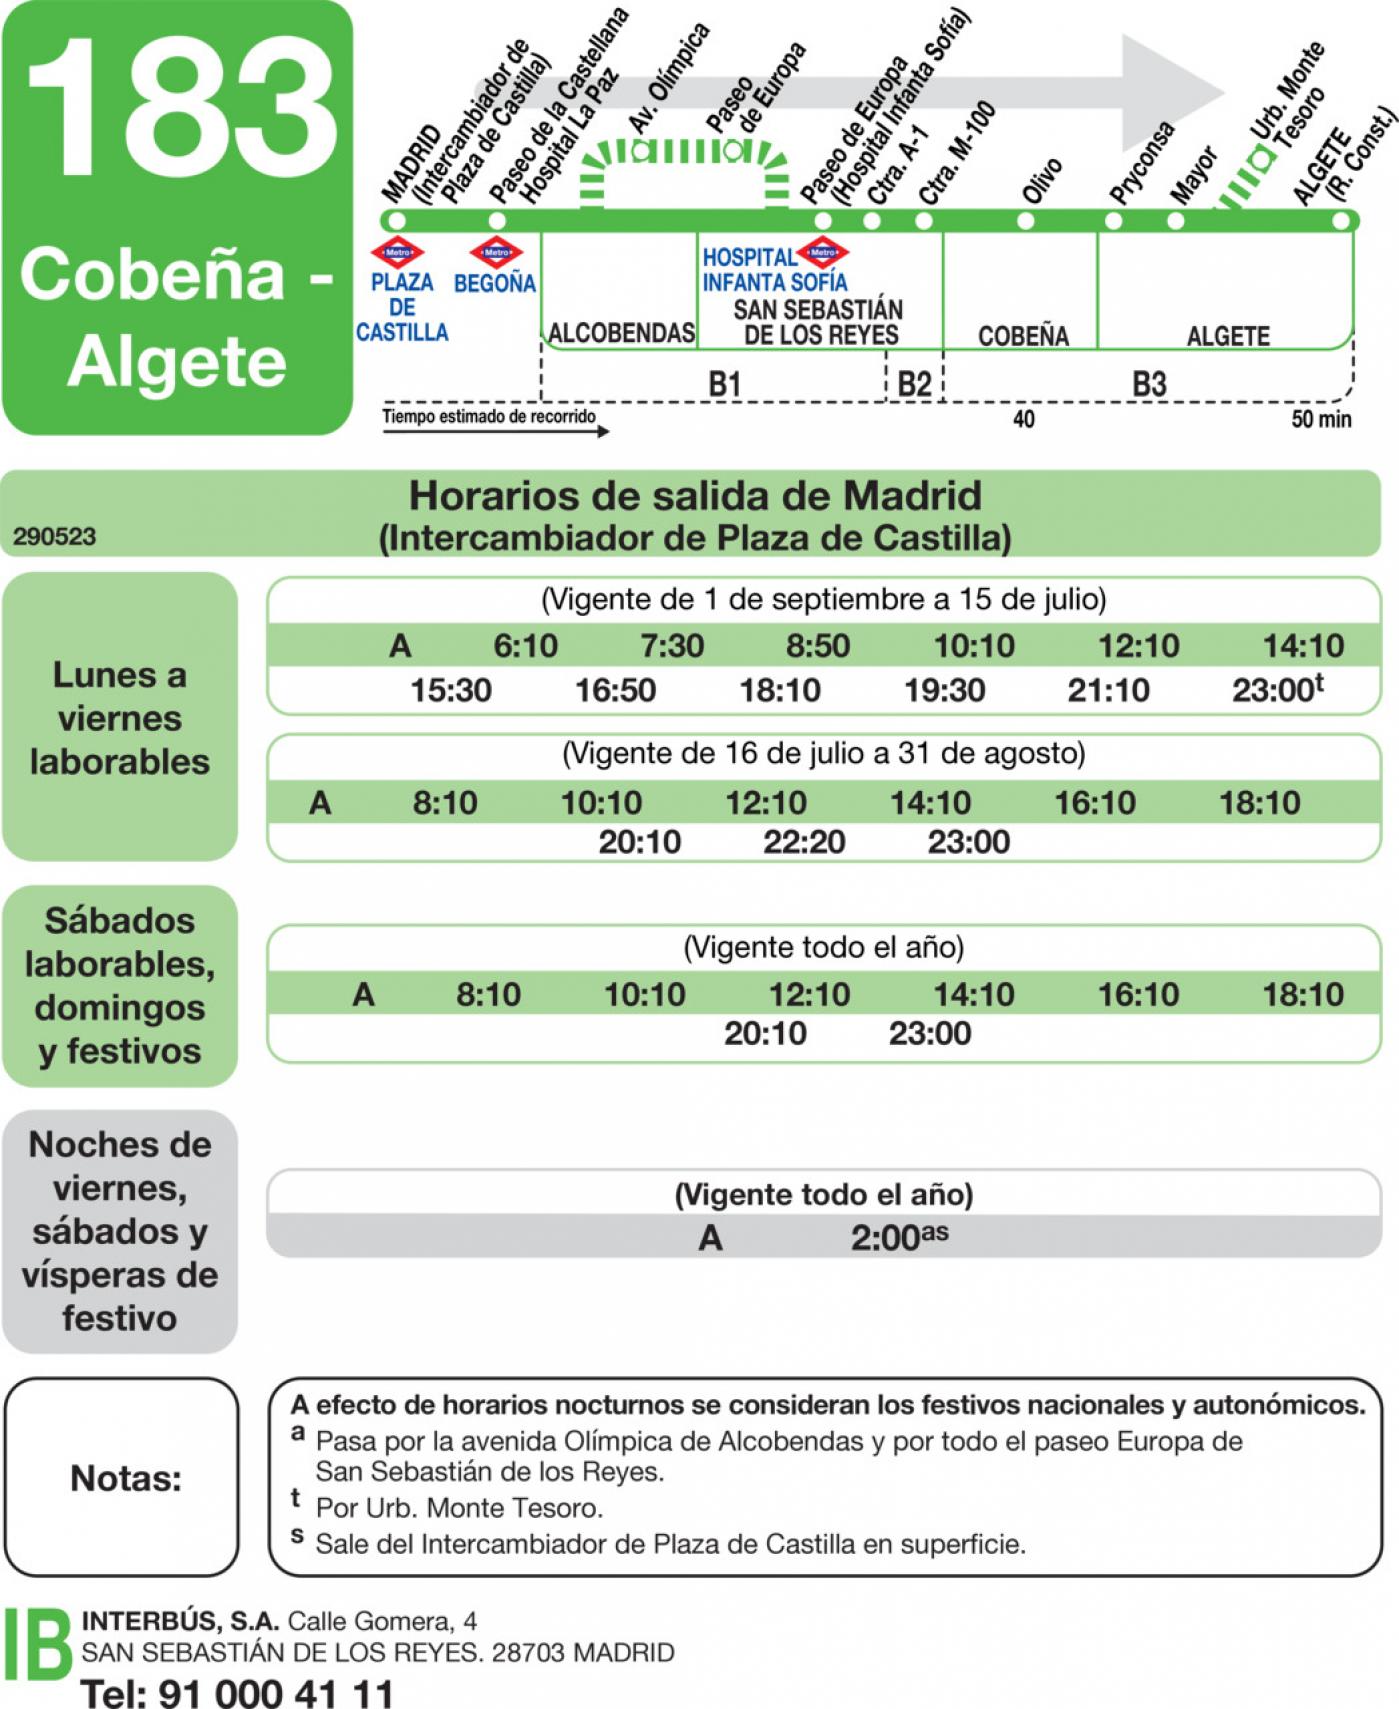 Tabla de horarios y frecuencias de paso en sentido ida Línea 183: Madrid (Plaza Castilla) - Cobeña - Algete